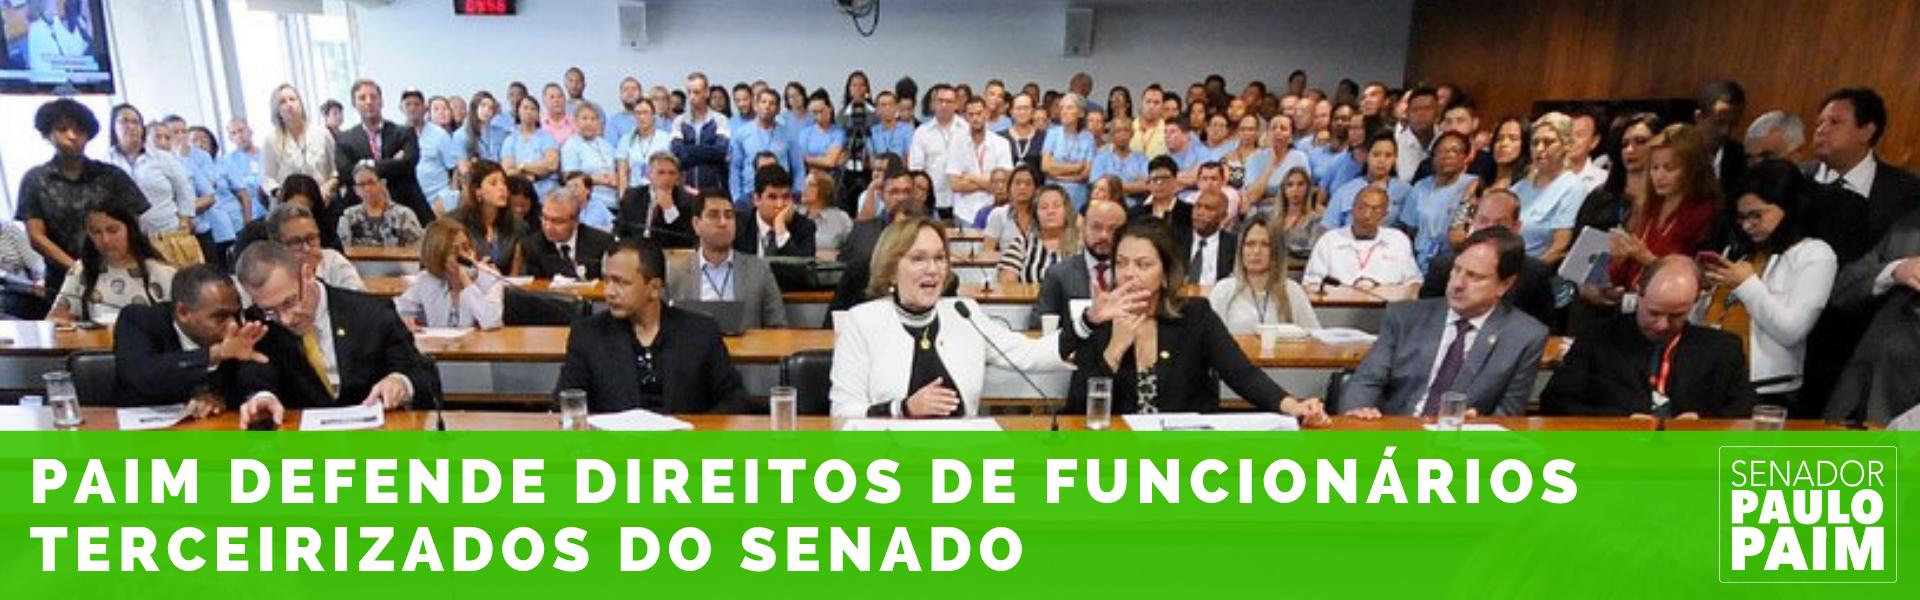 Paim defende direitos de funcionários terceirizados do Senado